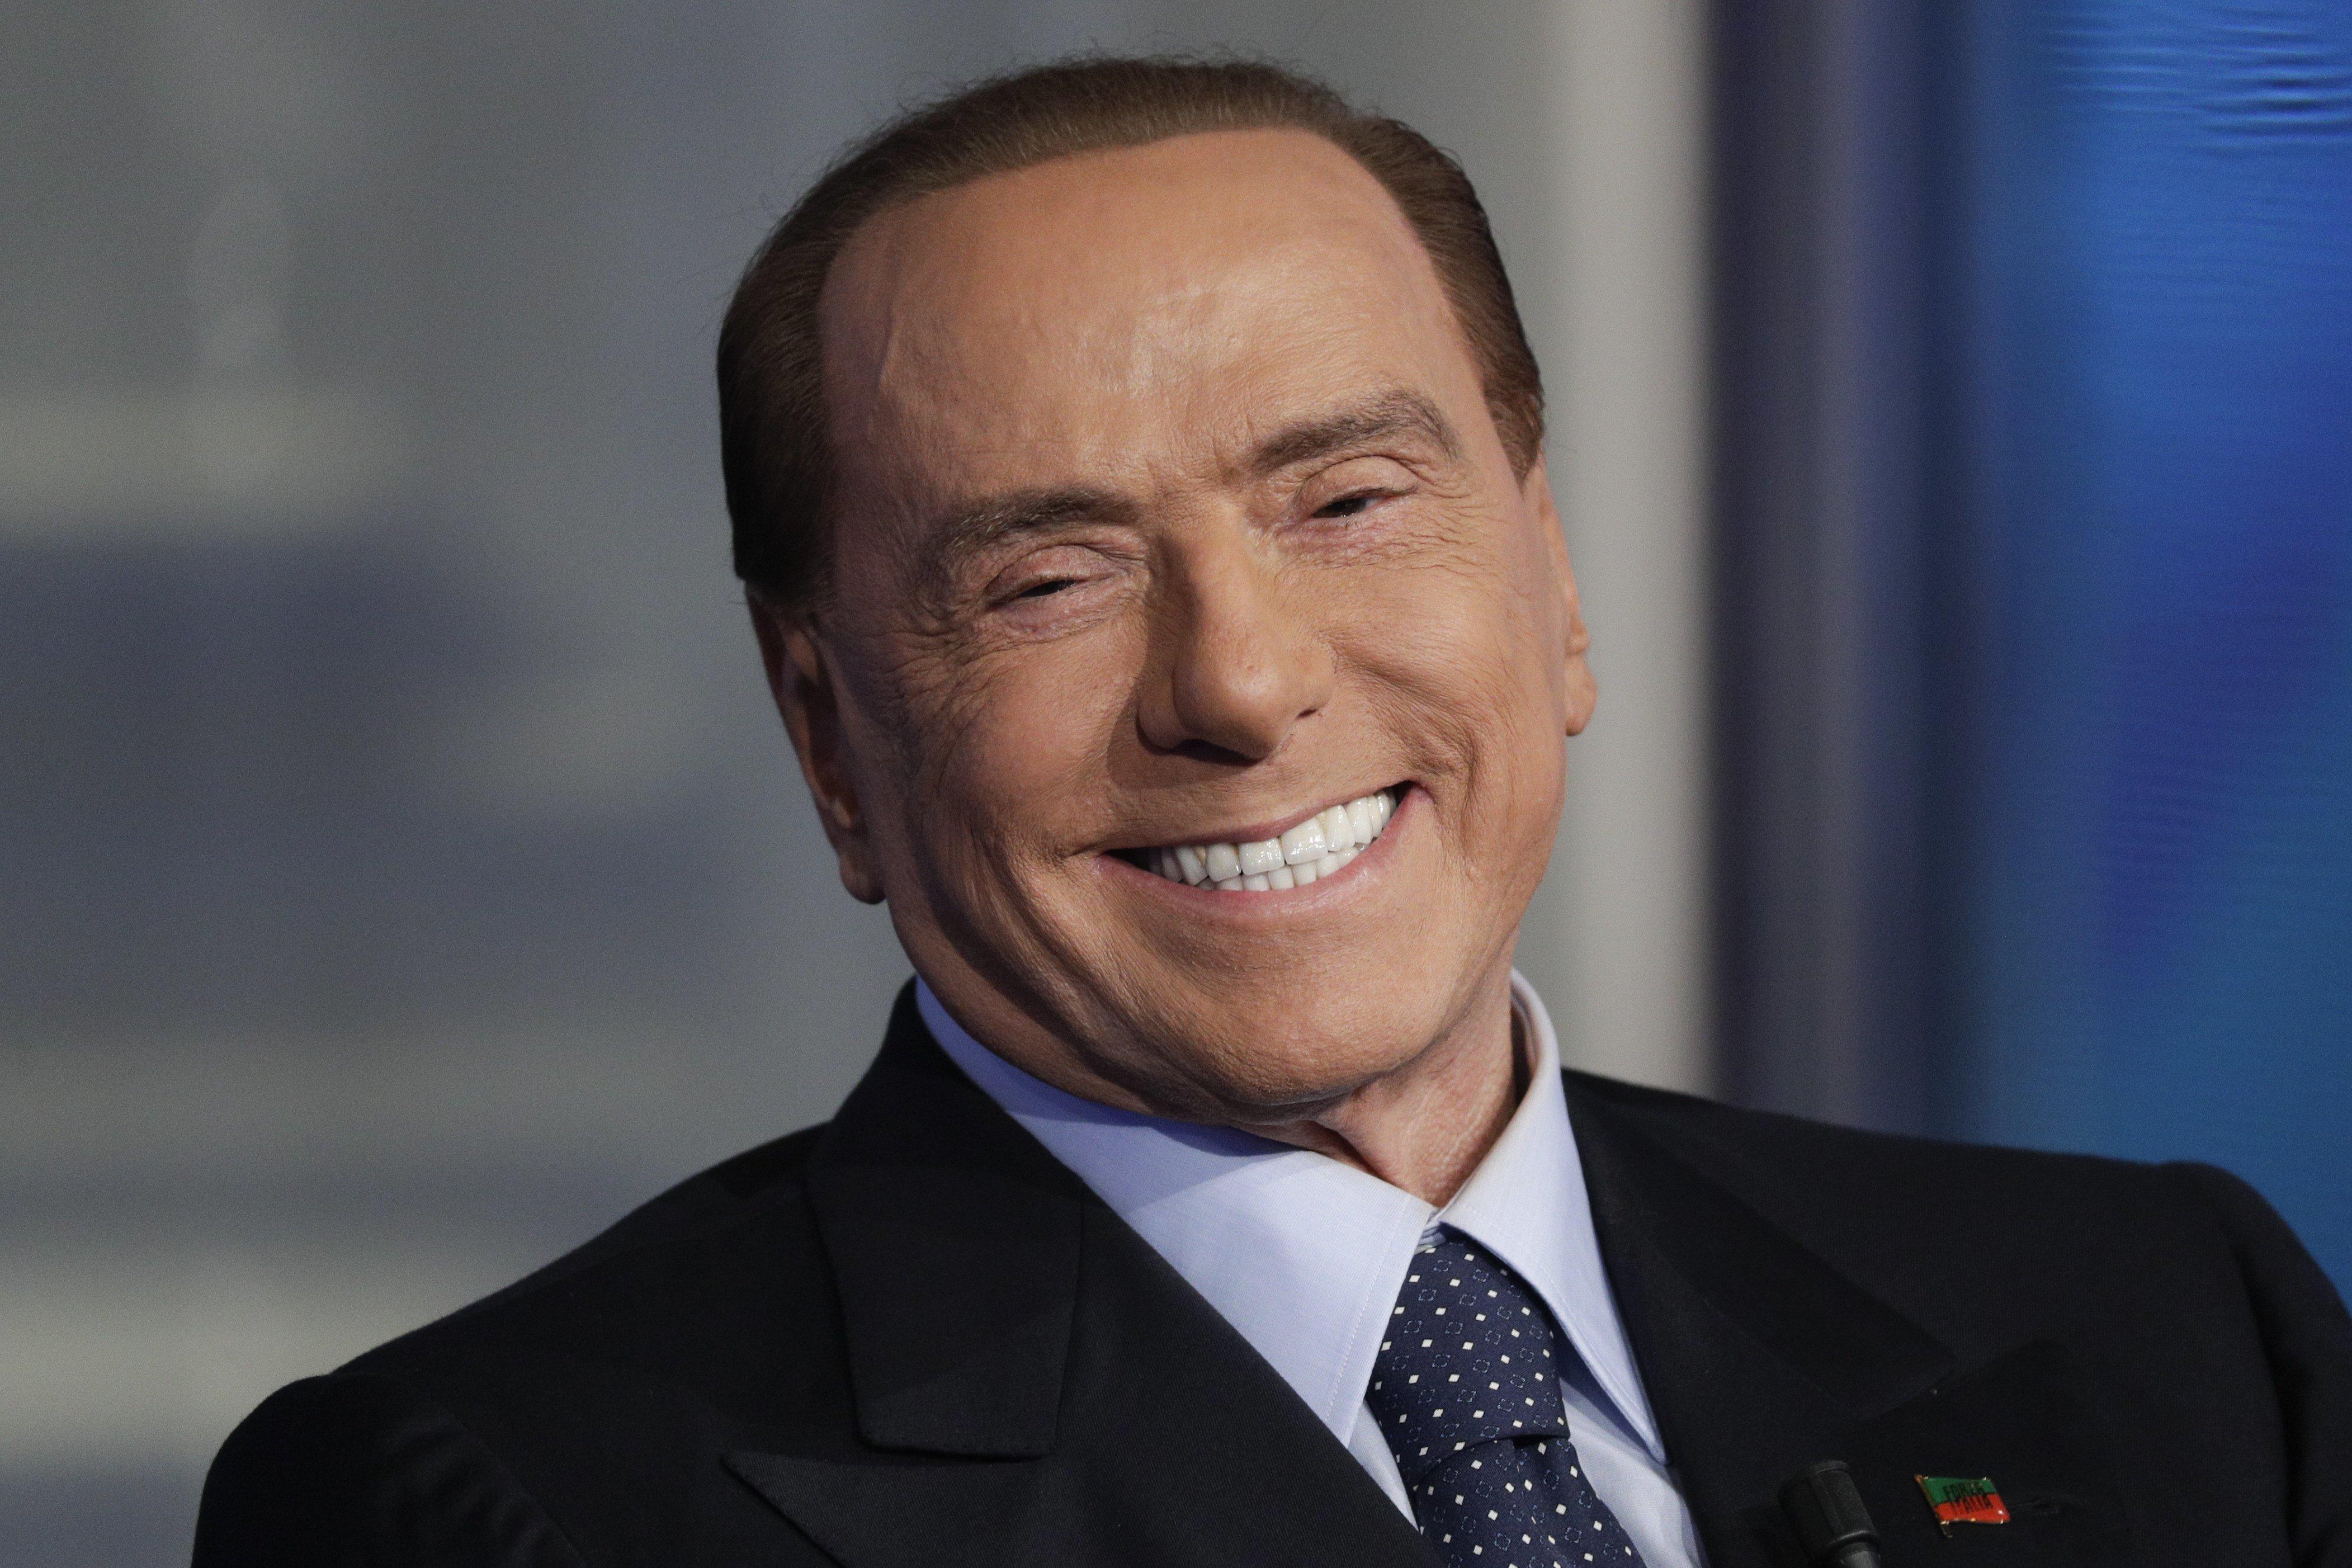 Una bufala i tre milioni di euro in eredità a Berlusconi: ecco tutti gli indizi che portano alla fake news